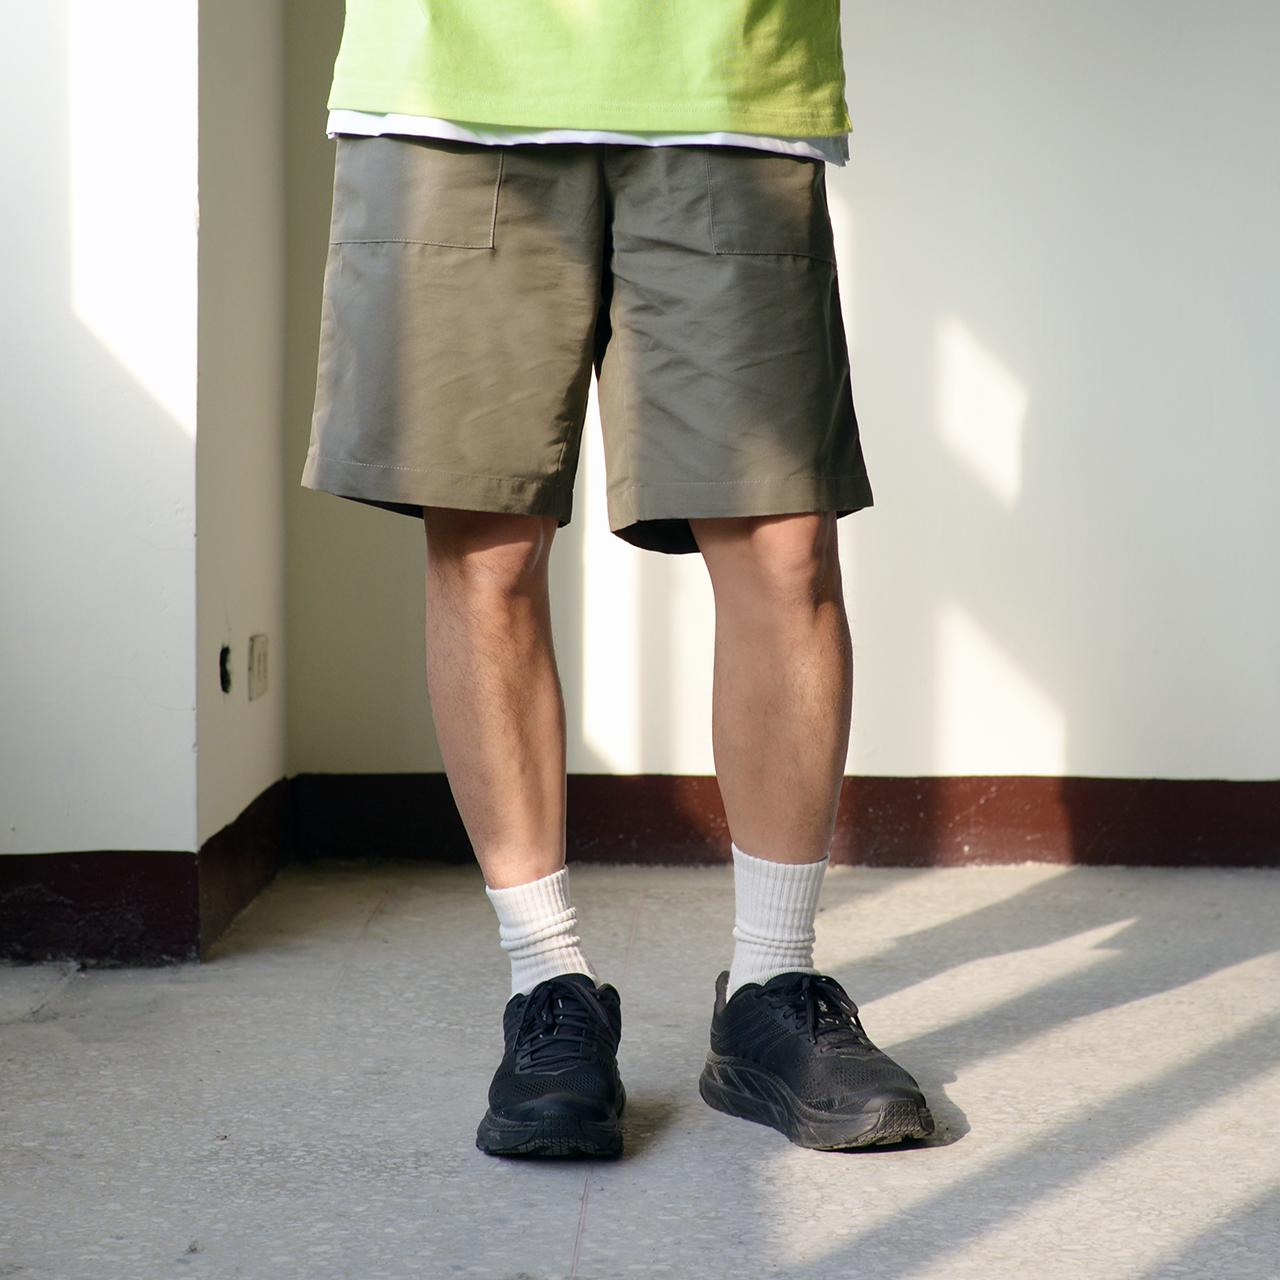 夏天穿搭,夏季穿搭,男生穿搭,街頭,西裝,休閒搭配,akko,akko 褲,一週搭配,街頭搭配,搭配型人,街頭型人,皮鞋,成套,AKKO褲,微寬褲,COP3563,1616 easy 長褲,New Balance M990v5,New Balance,春季穿搭,春天穿搭,春夏穿搭,1616百搭神褲,1616 LOKA